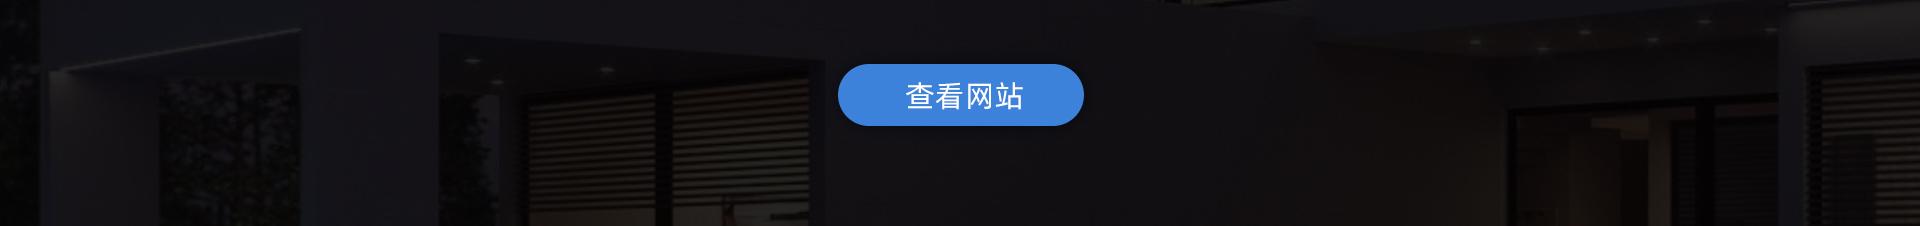 非凡-包行楚-慕恩创品科技成都有限公司_02